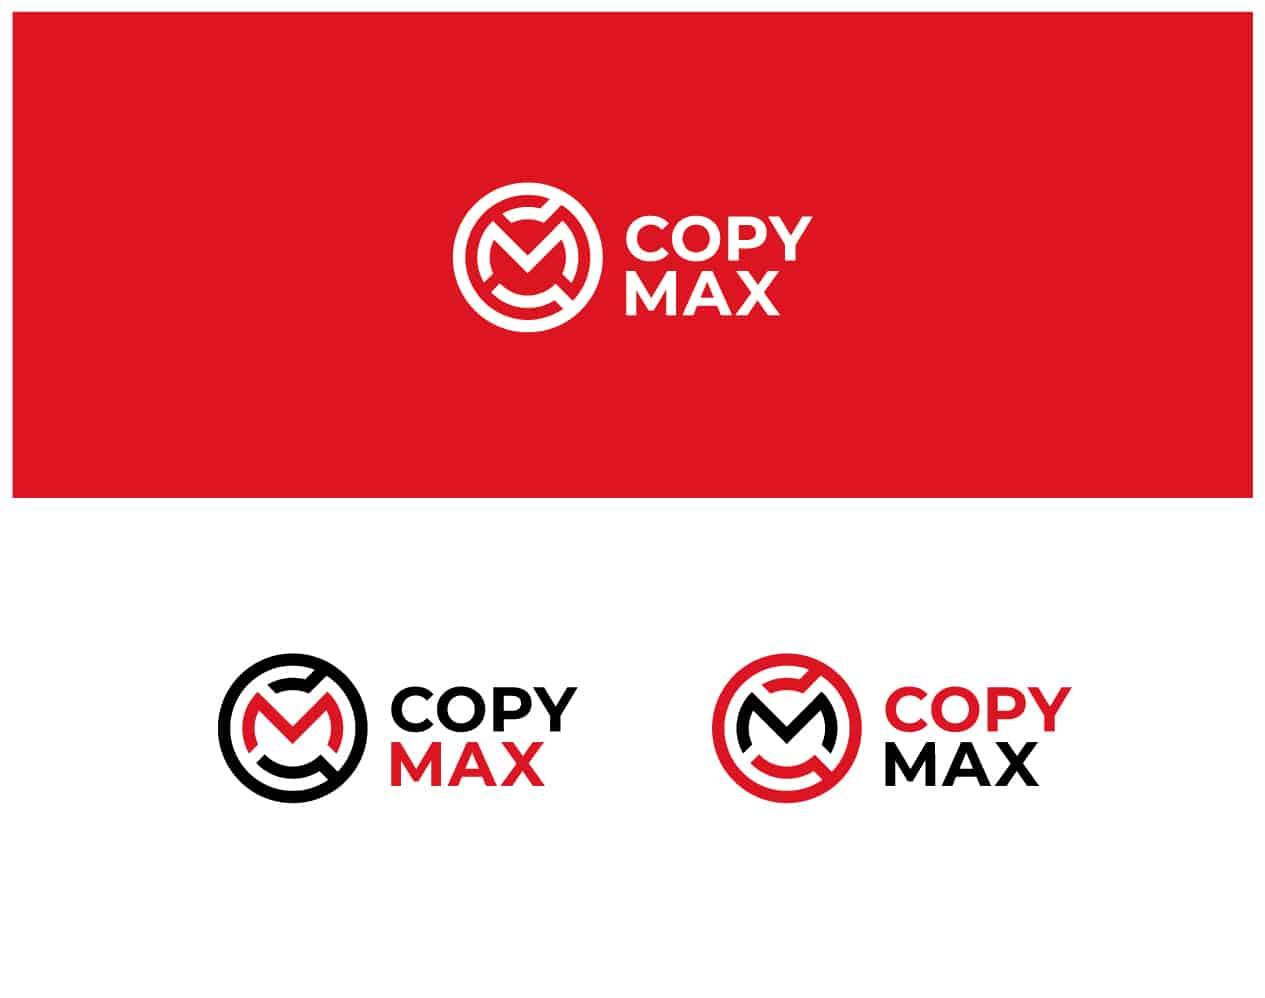 черно красный логотип компании